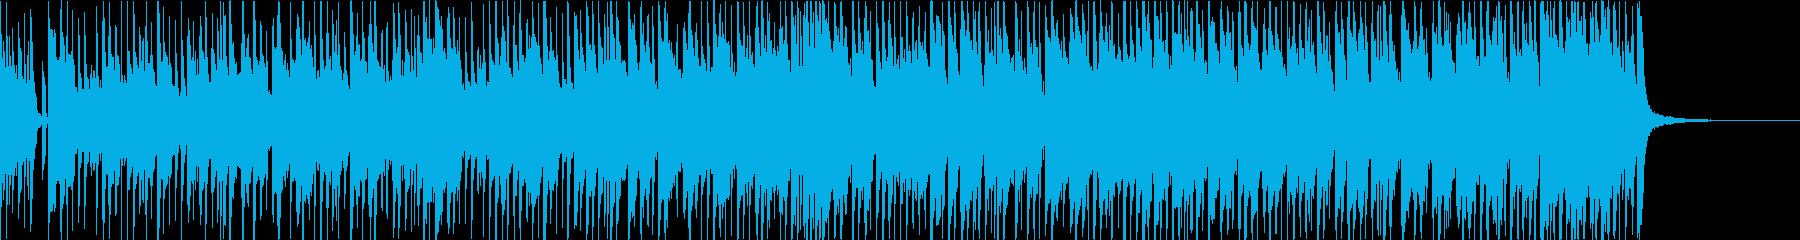 ロック感のあるピアノジャズ【おしゃれ】の再生済みの波形